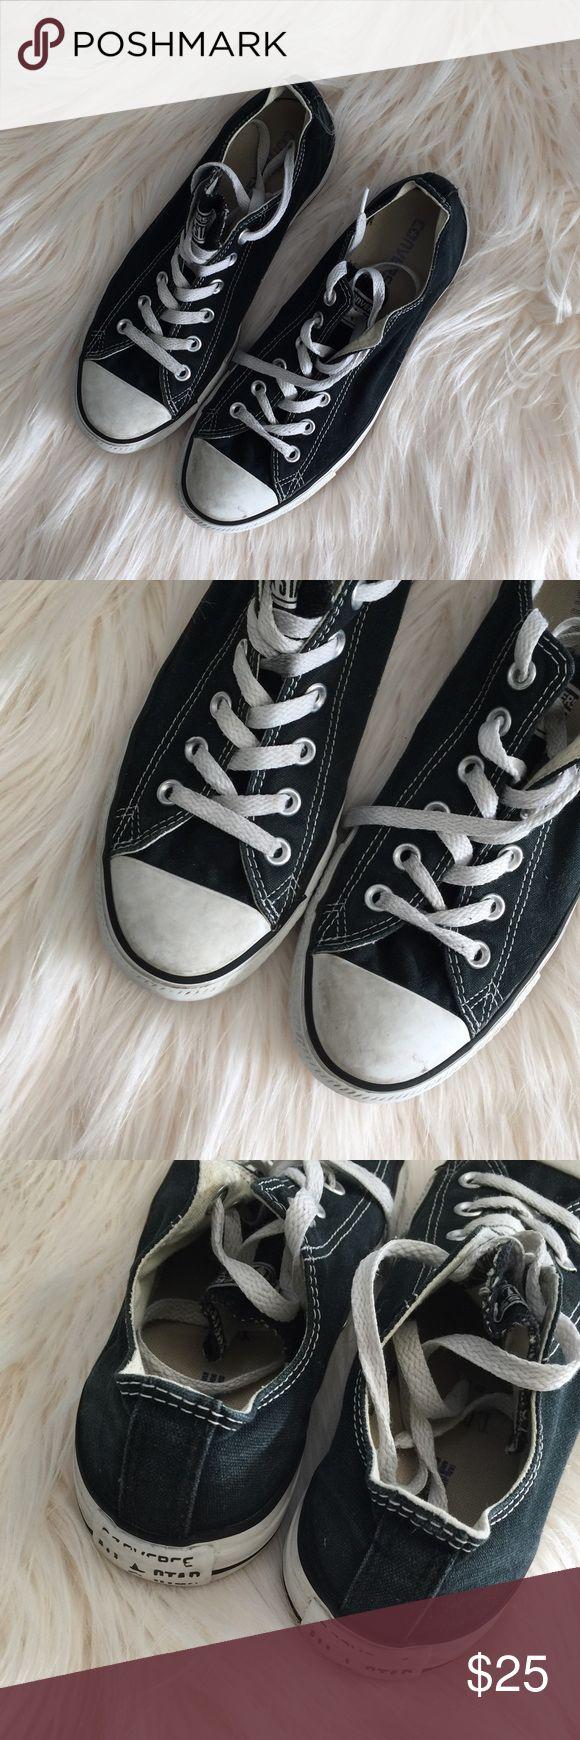 Men's Classic Black Converse 7 Chuck Taylors Men's Classic Black Chuck Taylor's Converse sneakers. Size 7. Converse Shoes Sneakers